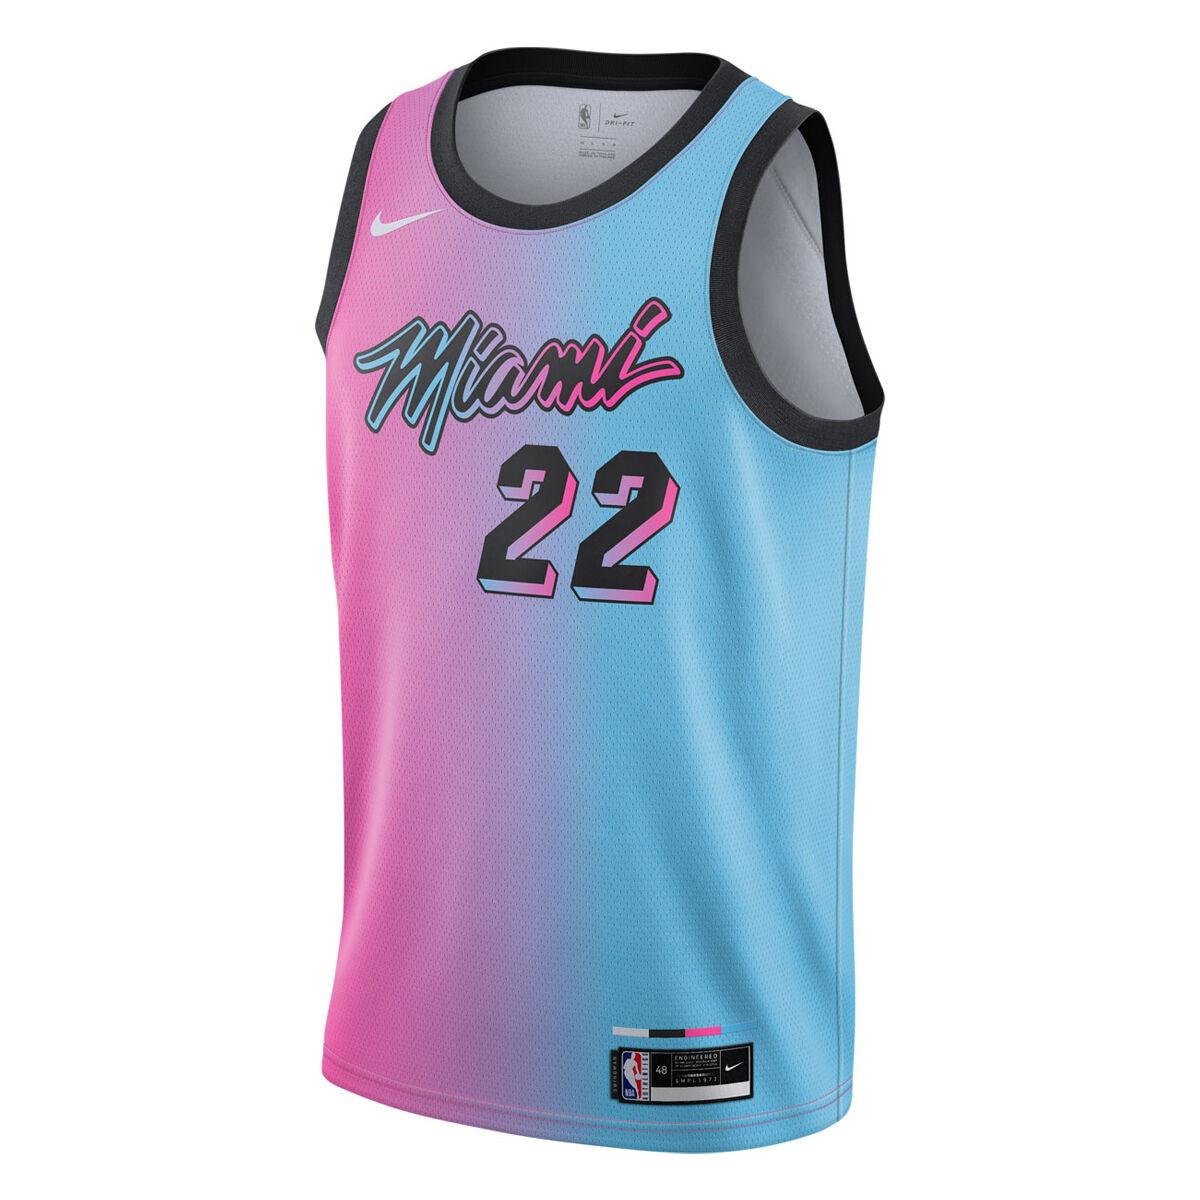 NBA Jerseys & Teamwear | NBA Merchandise & Fangear | rebel